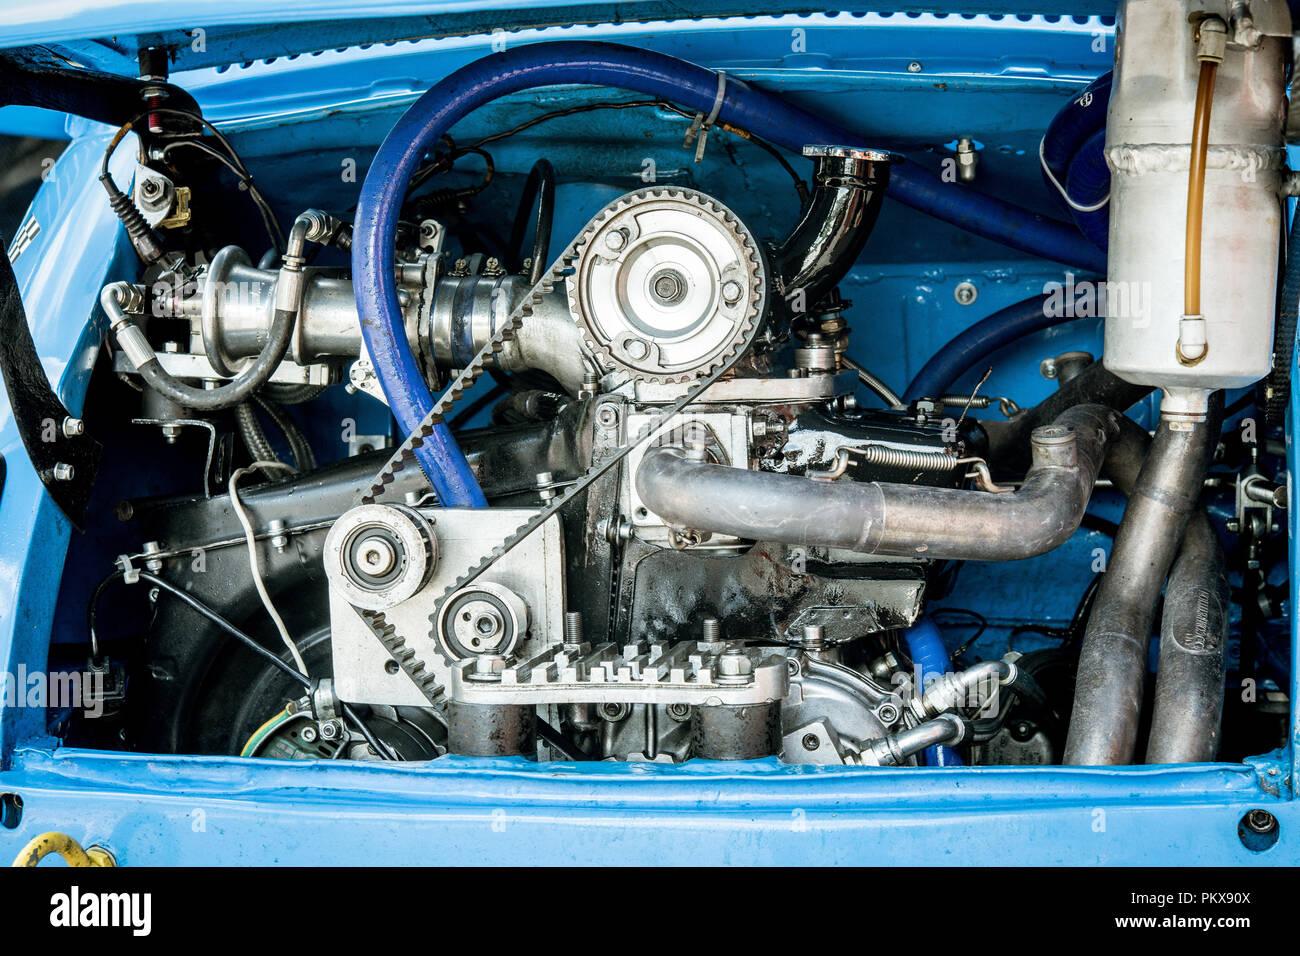 Full Frame of motor sport voiture de course à deux cylindres du moteur avec la transmission bel et rouages, propre et brillante Photo Stock